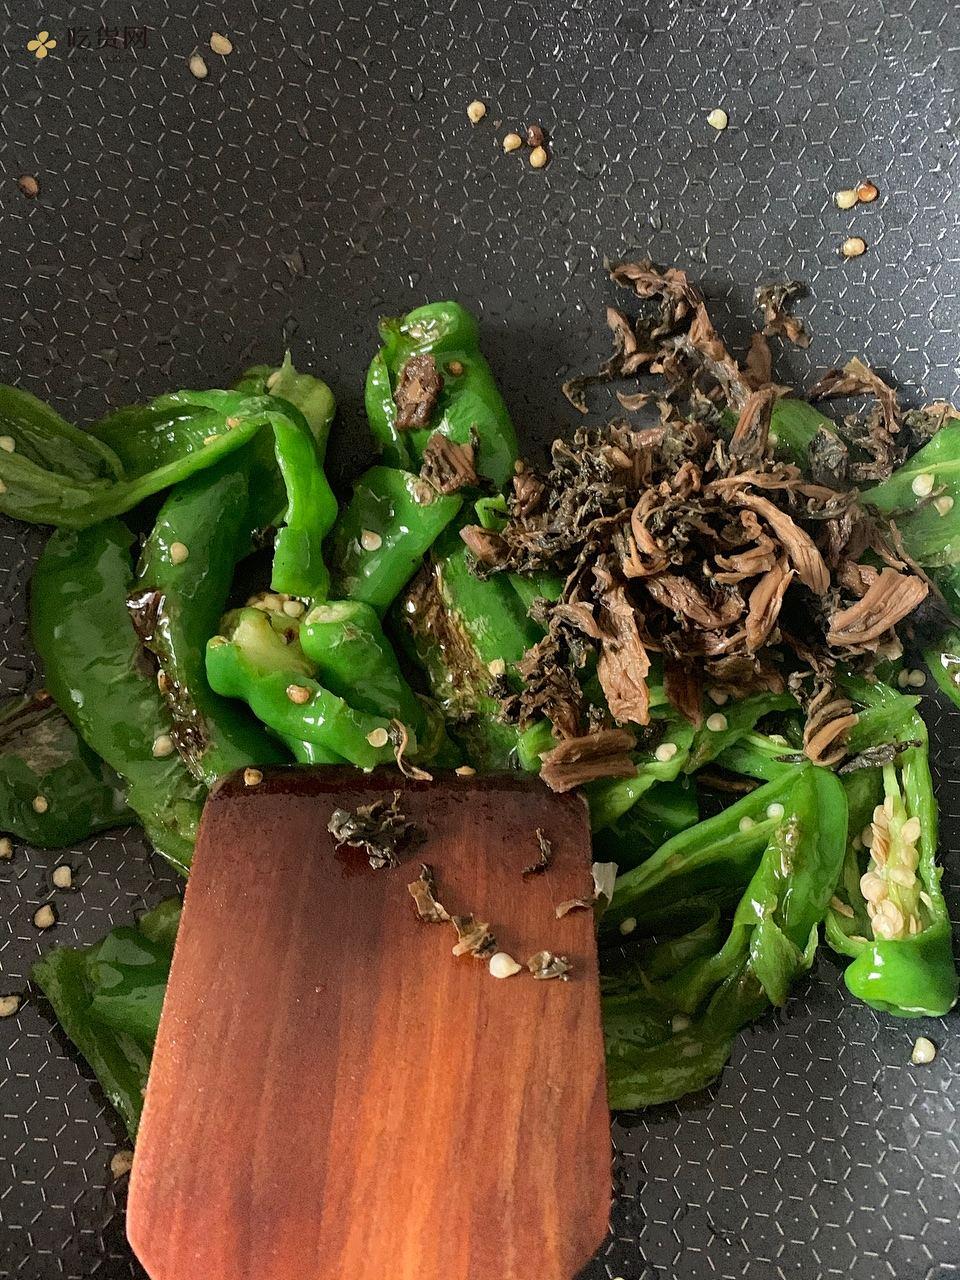 梅干菜虎皮青椒的做法 步骤5